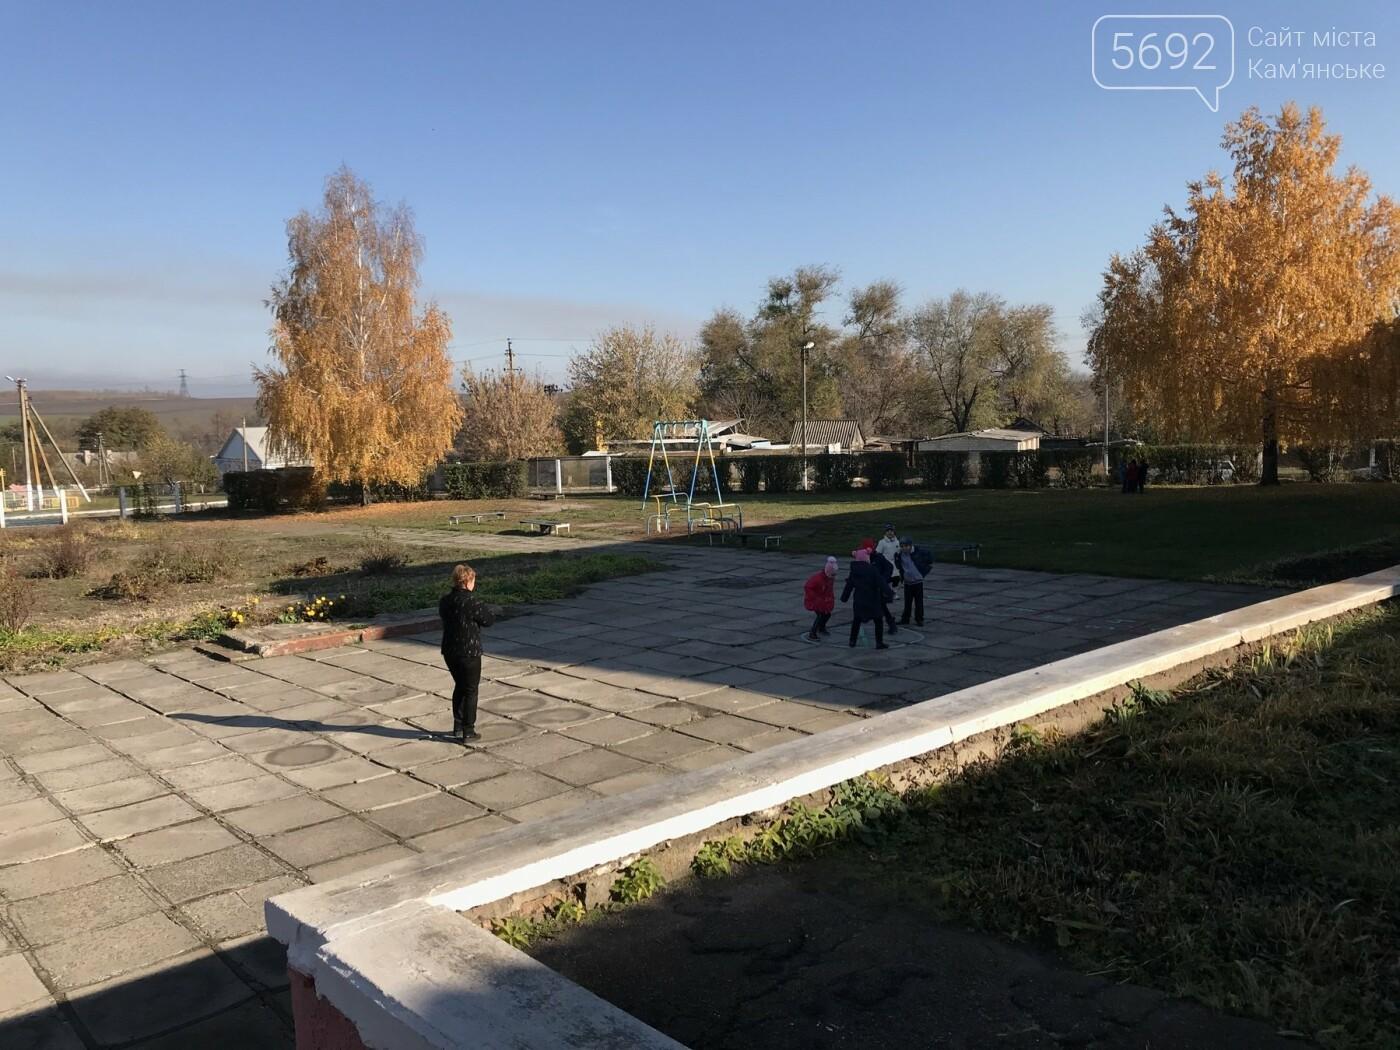 Что получит Каменское в случае присоединения: репортаж из Степового, фото-21